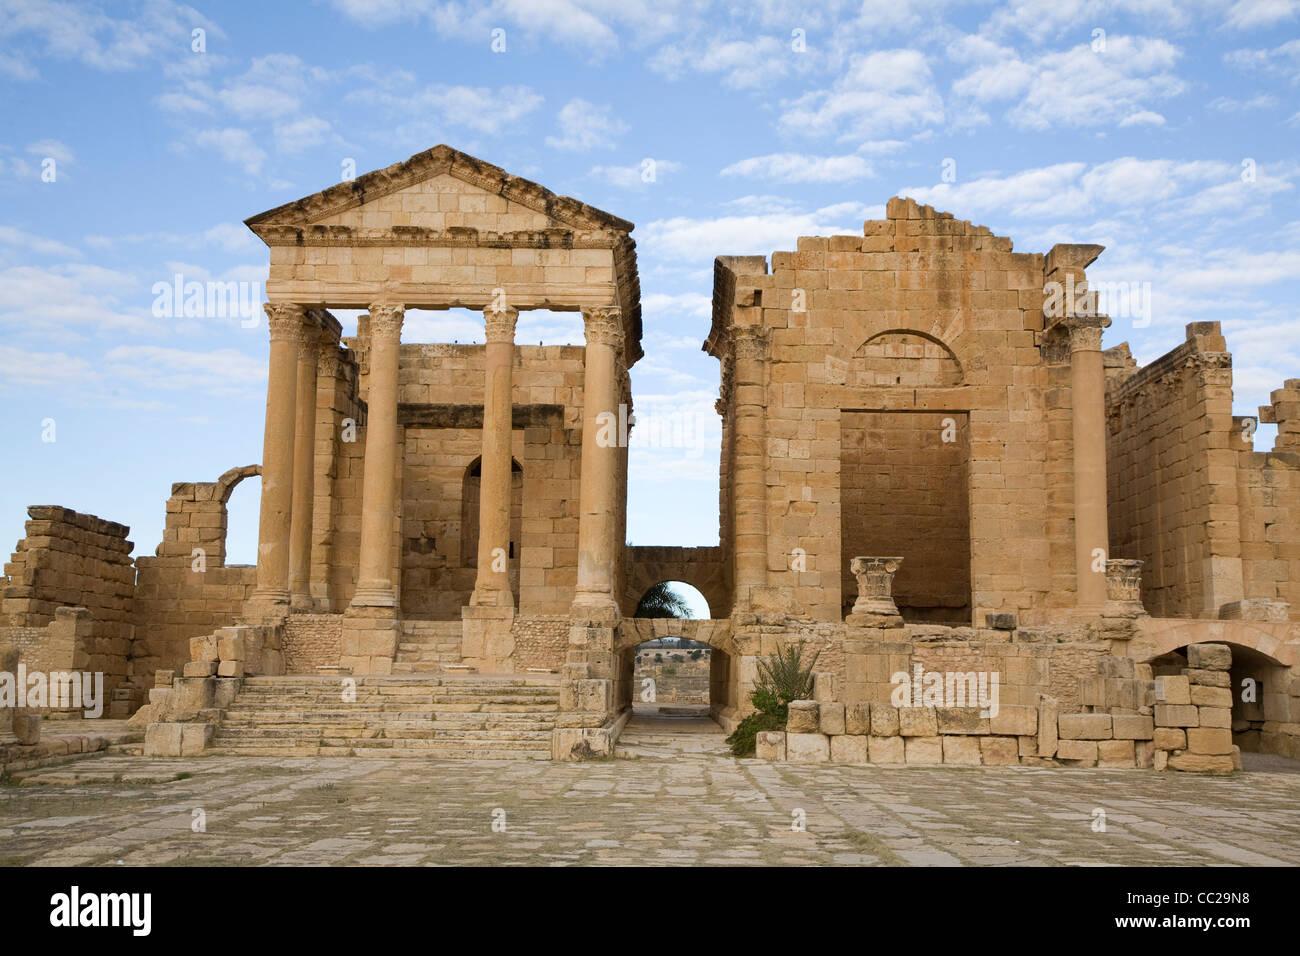 Roman temples at Sufetula, Tunisia. - Stock Image